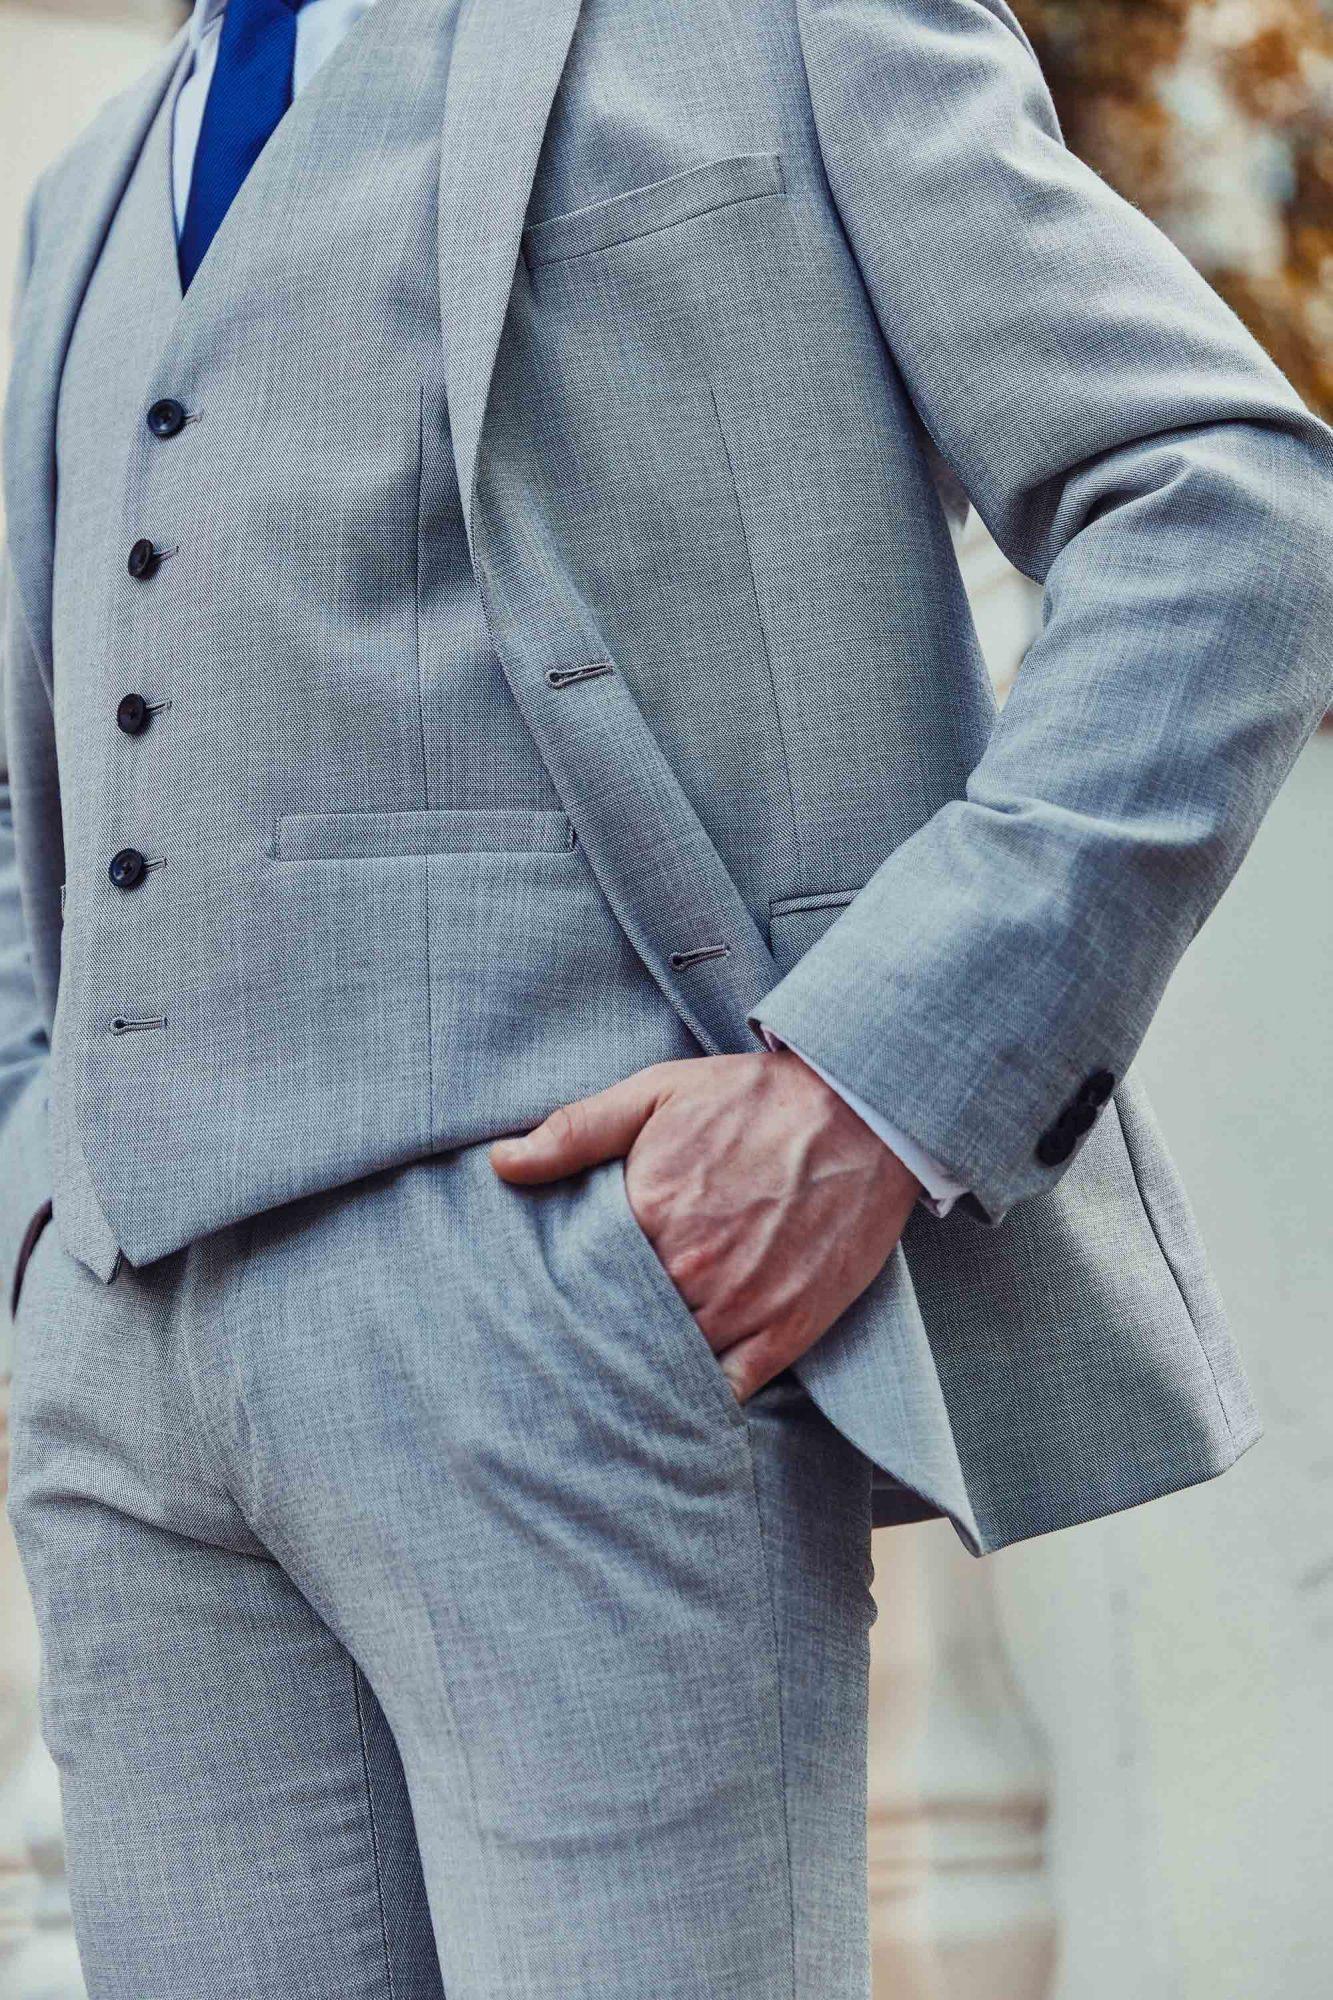 Mens-Wedding-Suit-Top-Tips--6